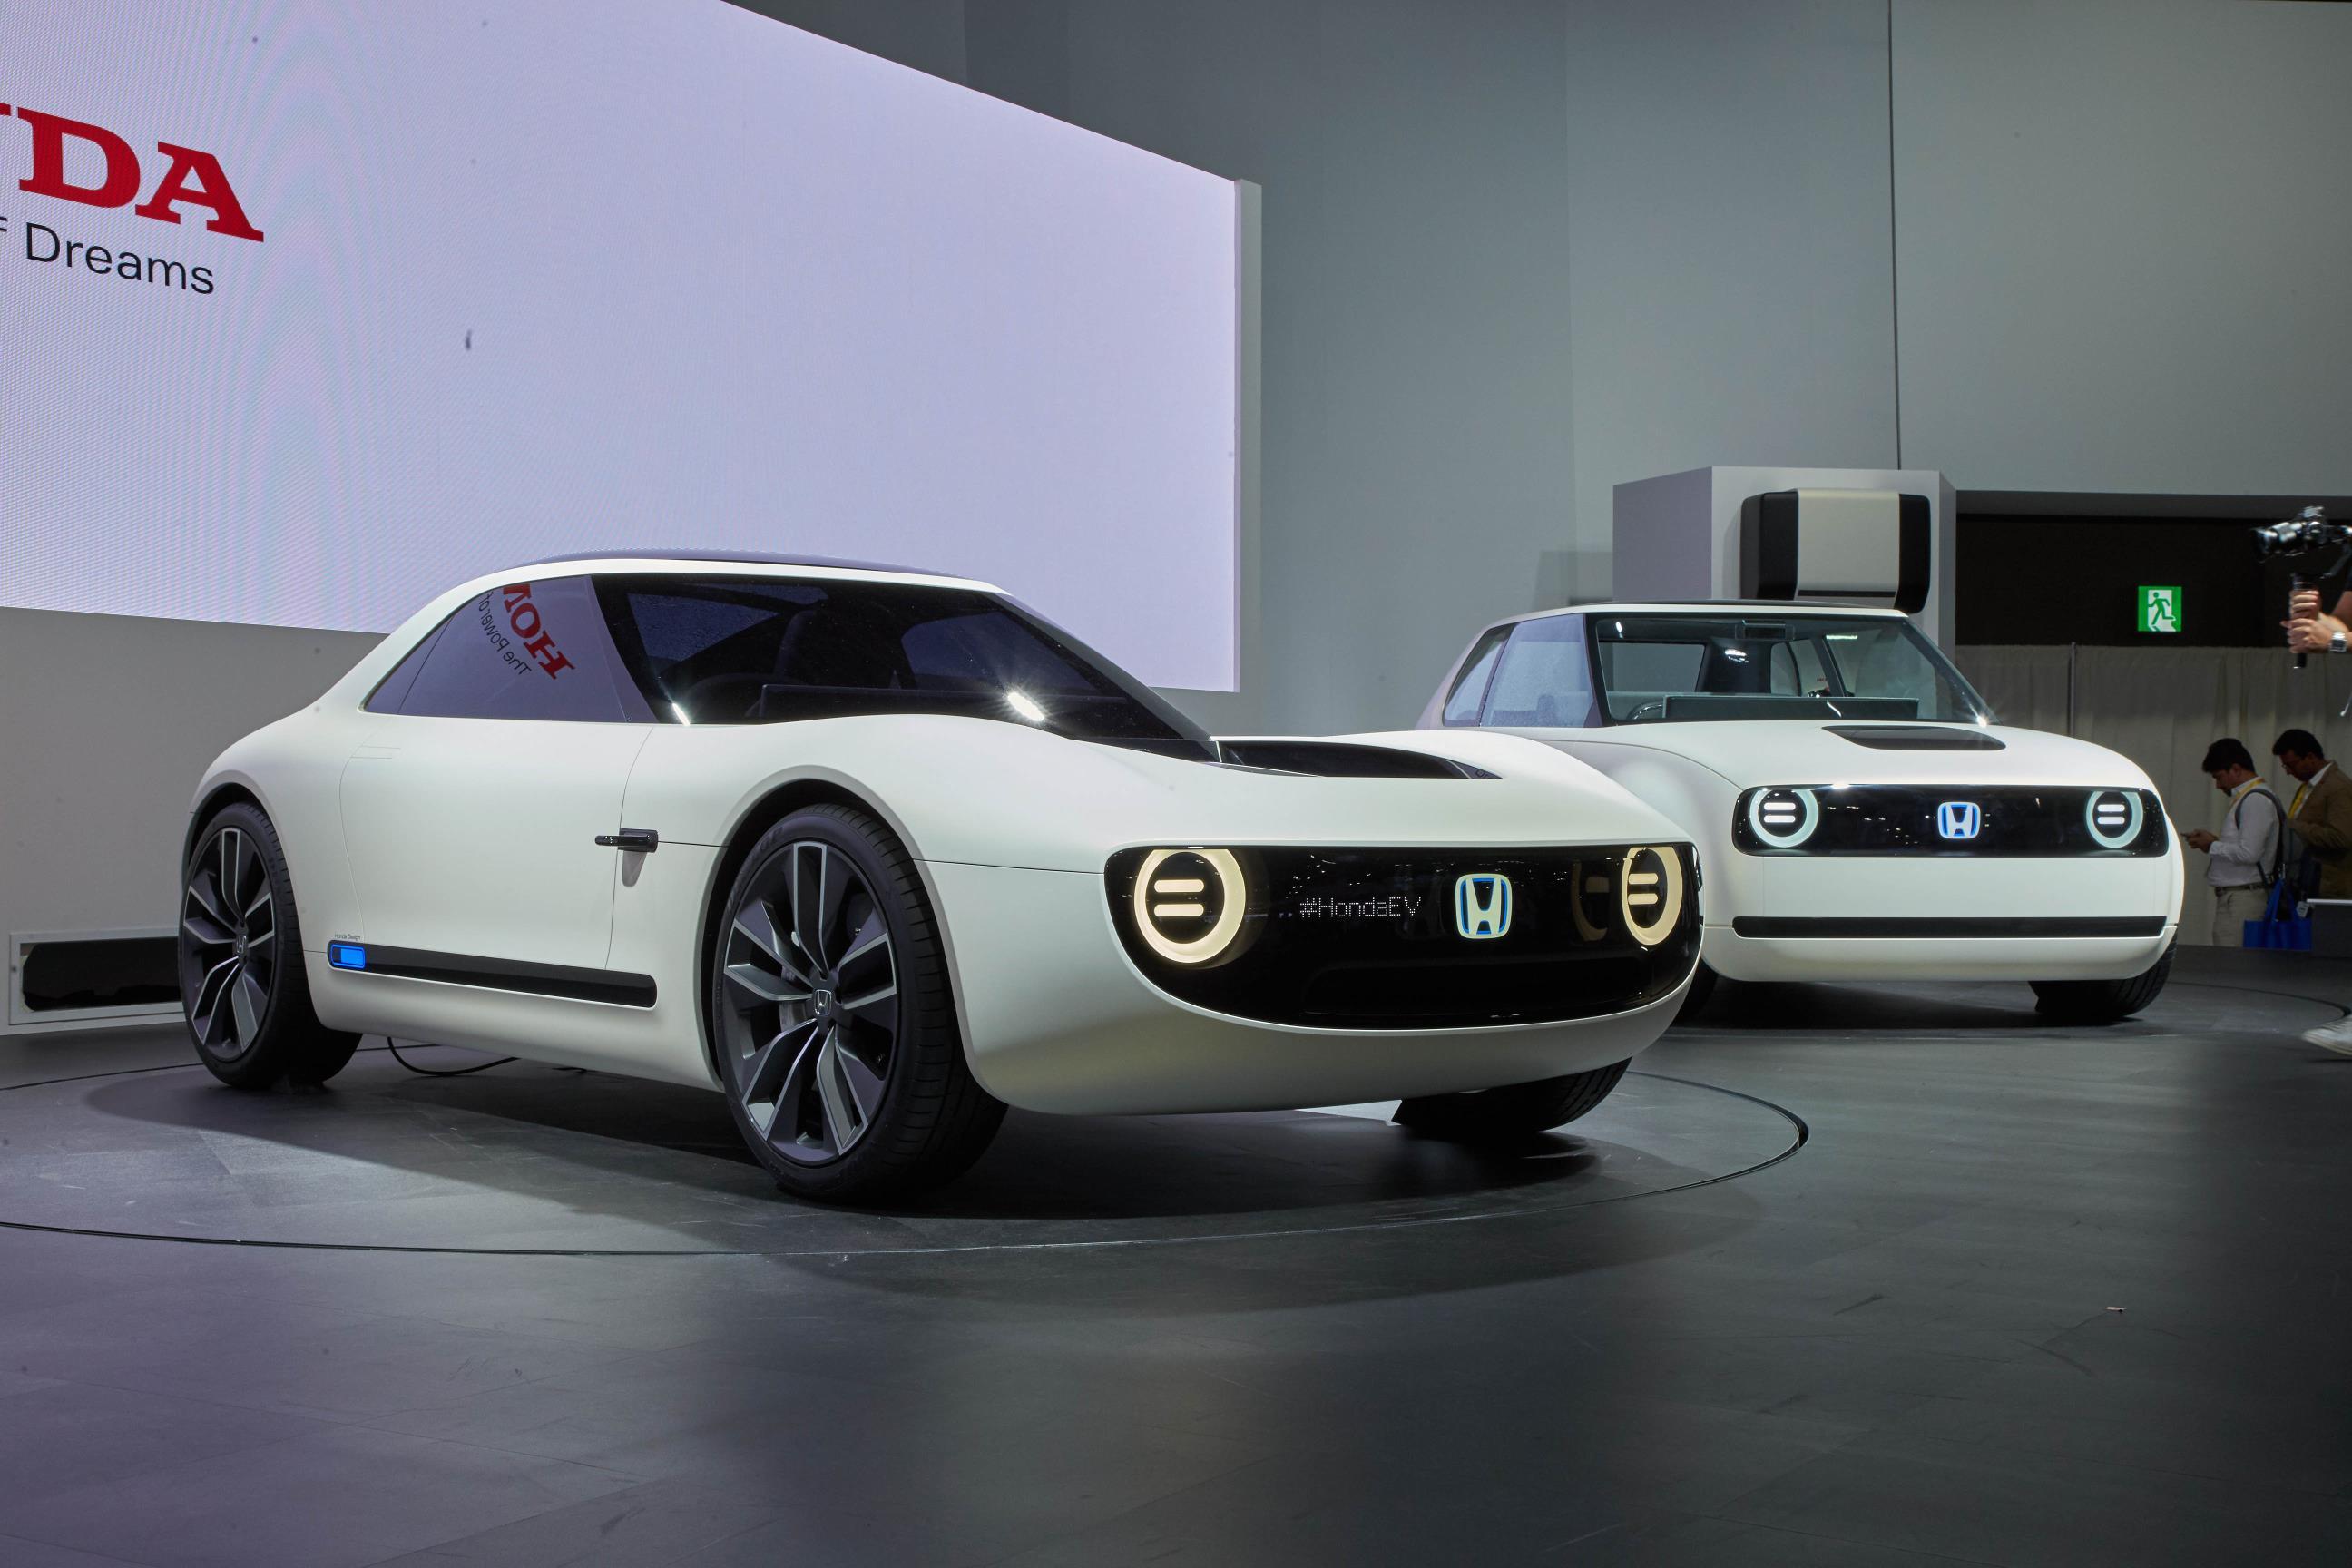 Honda Sports EV And Urban EV Concepts Reveal Future Retro Japanese Design